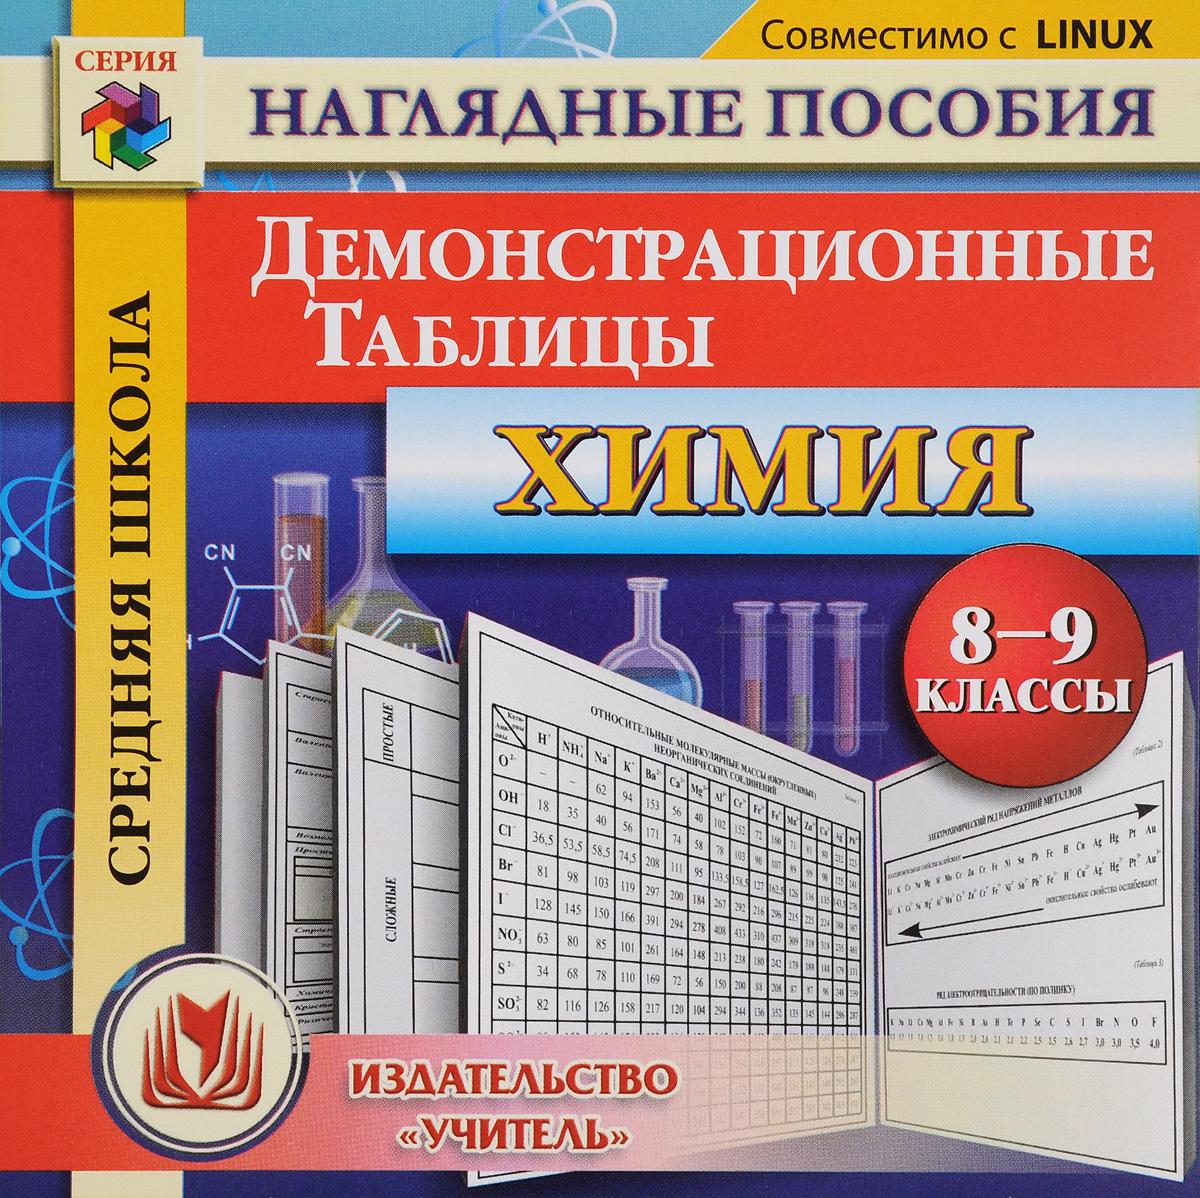 Химия. 8-9 классы. Демонстрационные таблицы